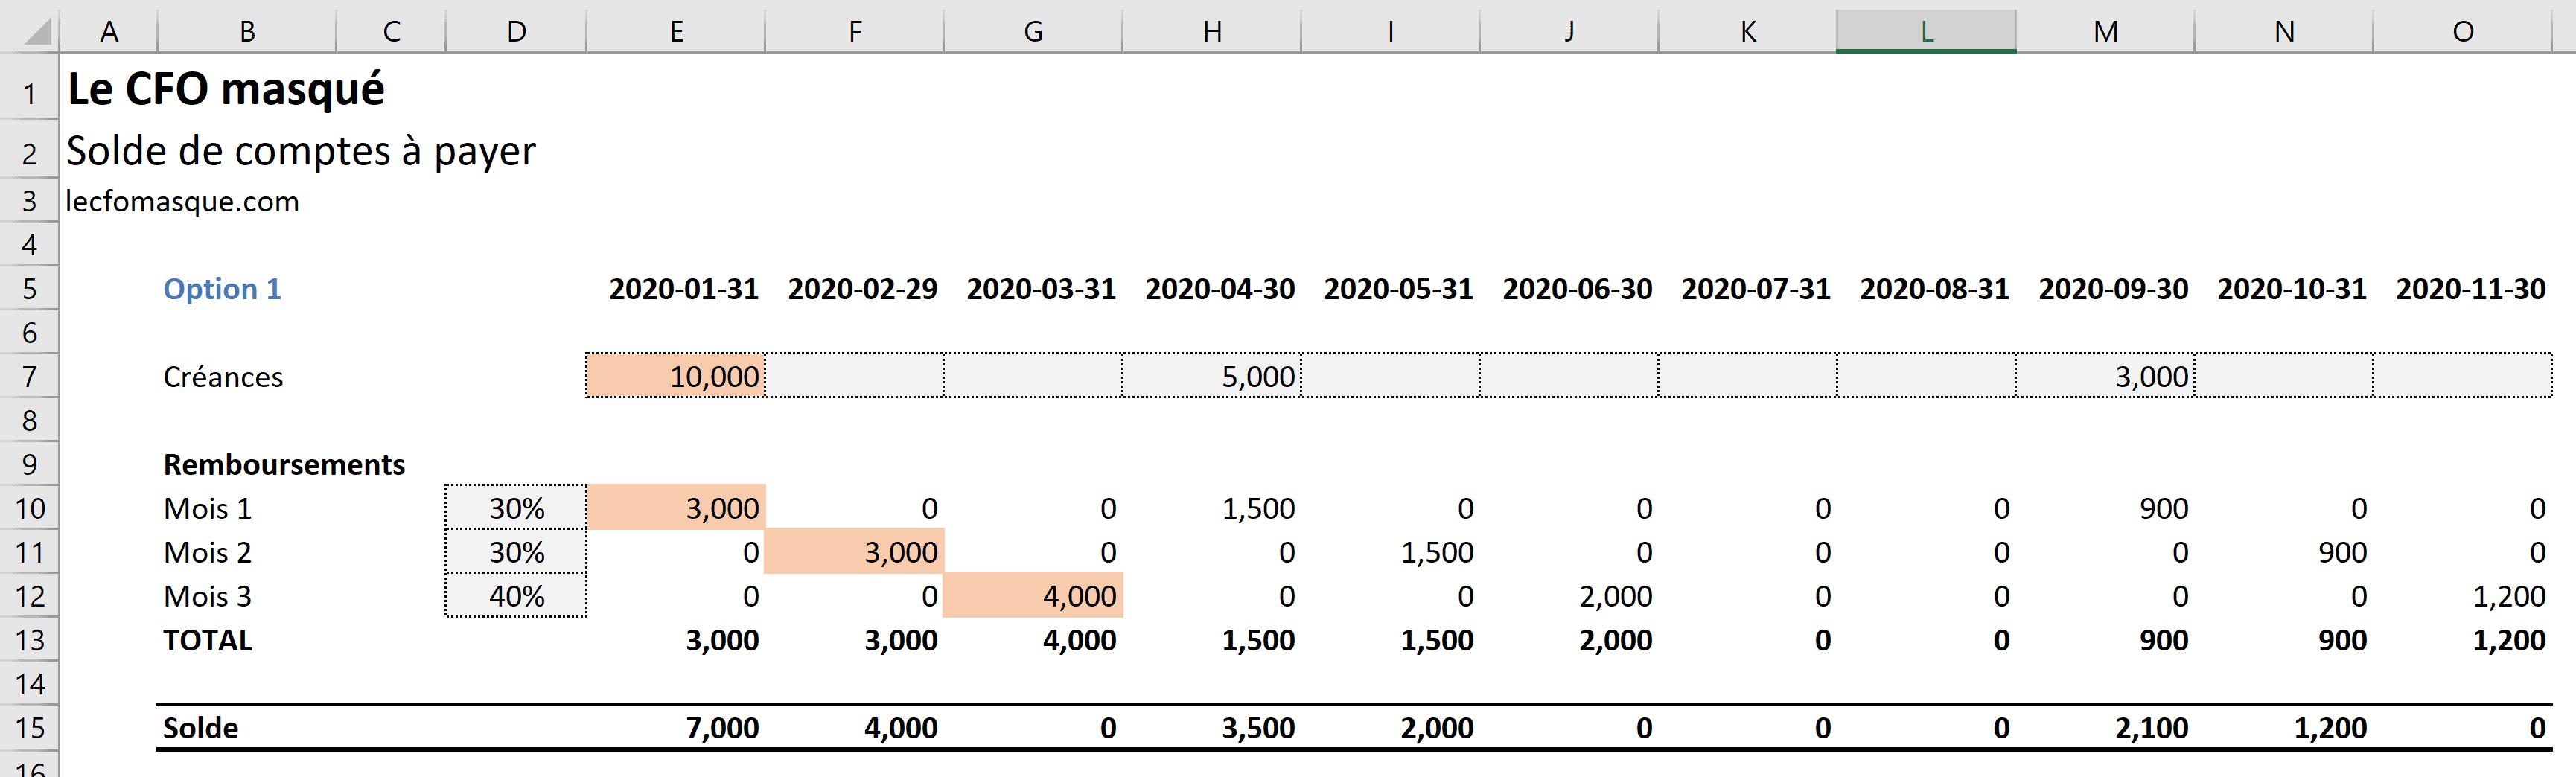 Modélisation des Comptes à Payer